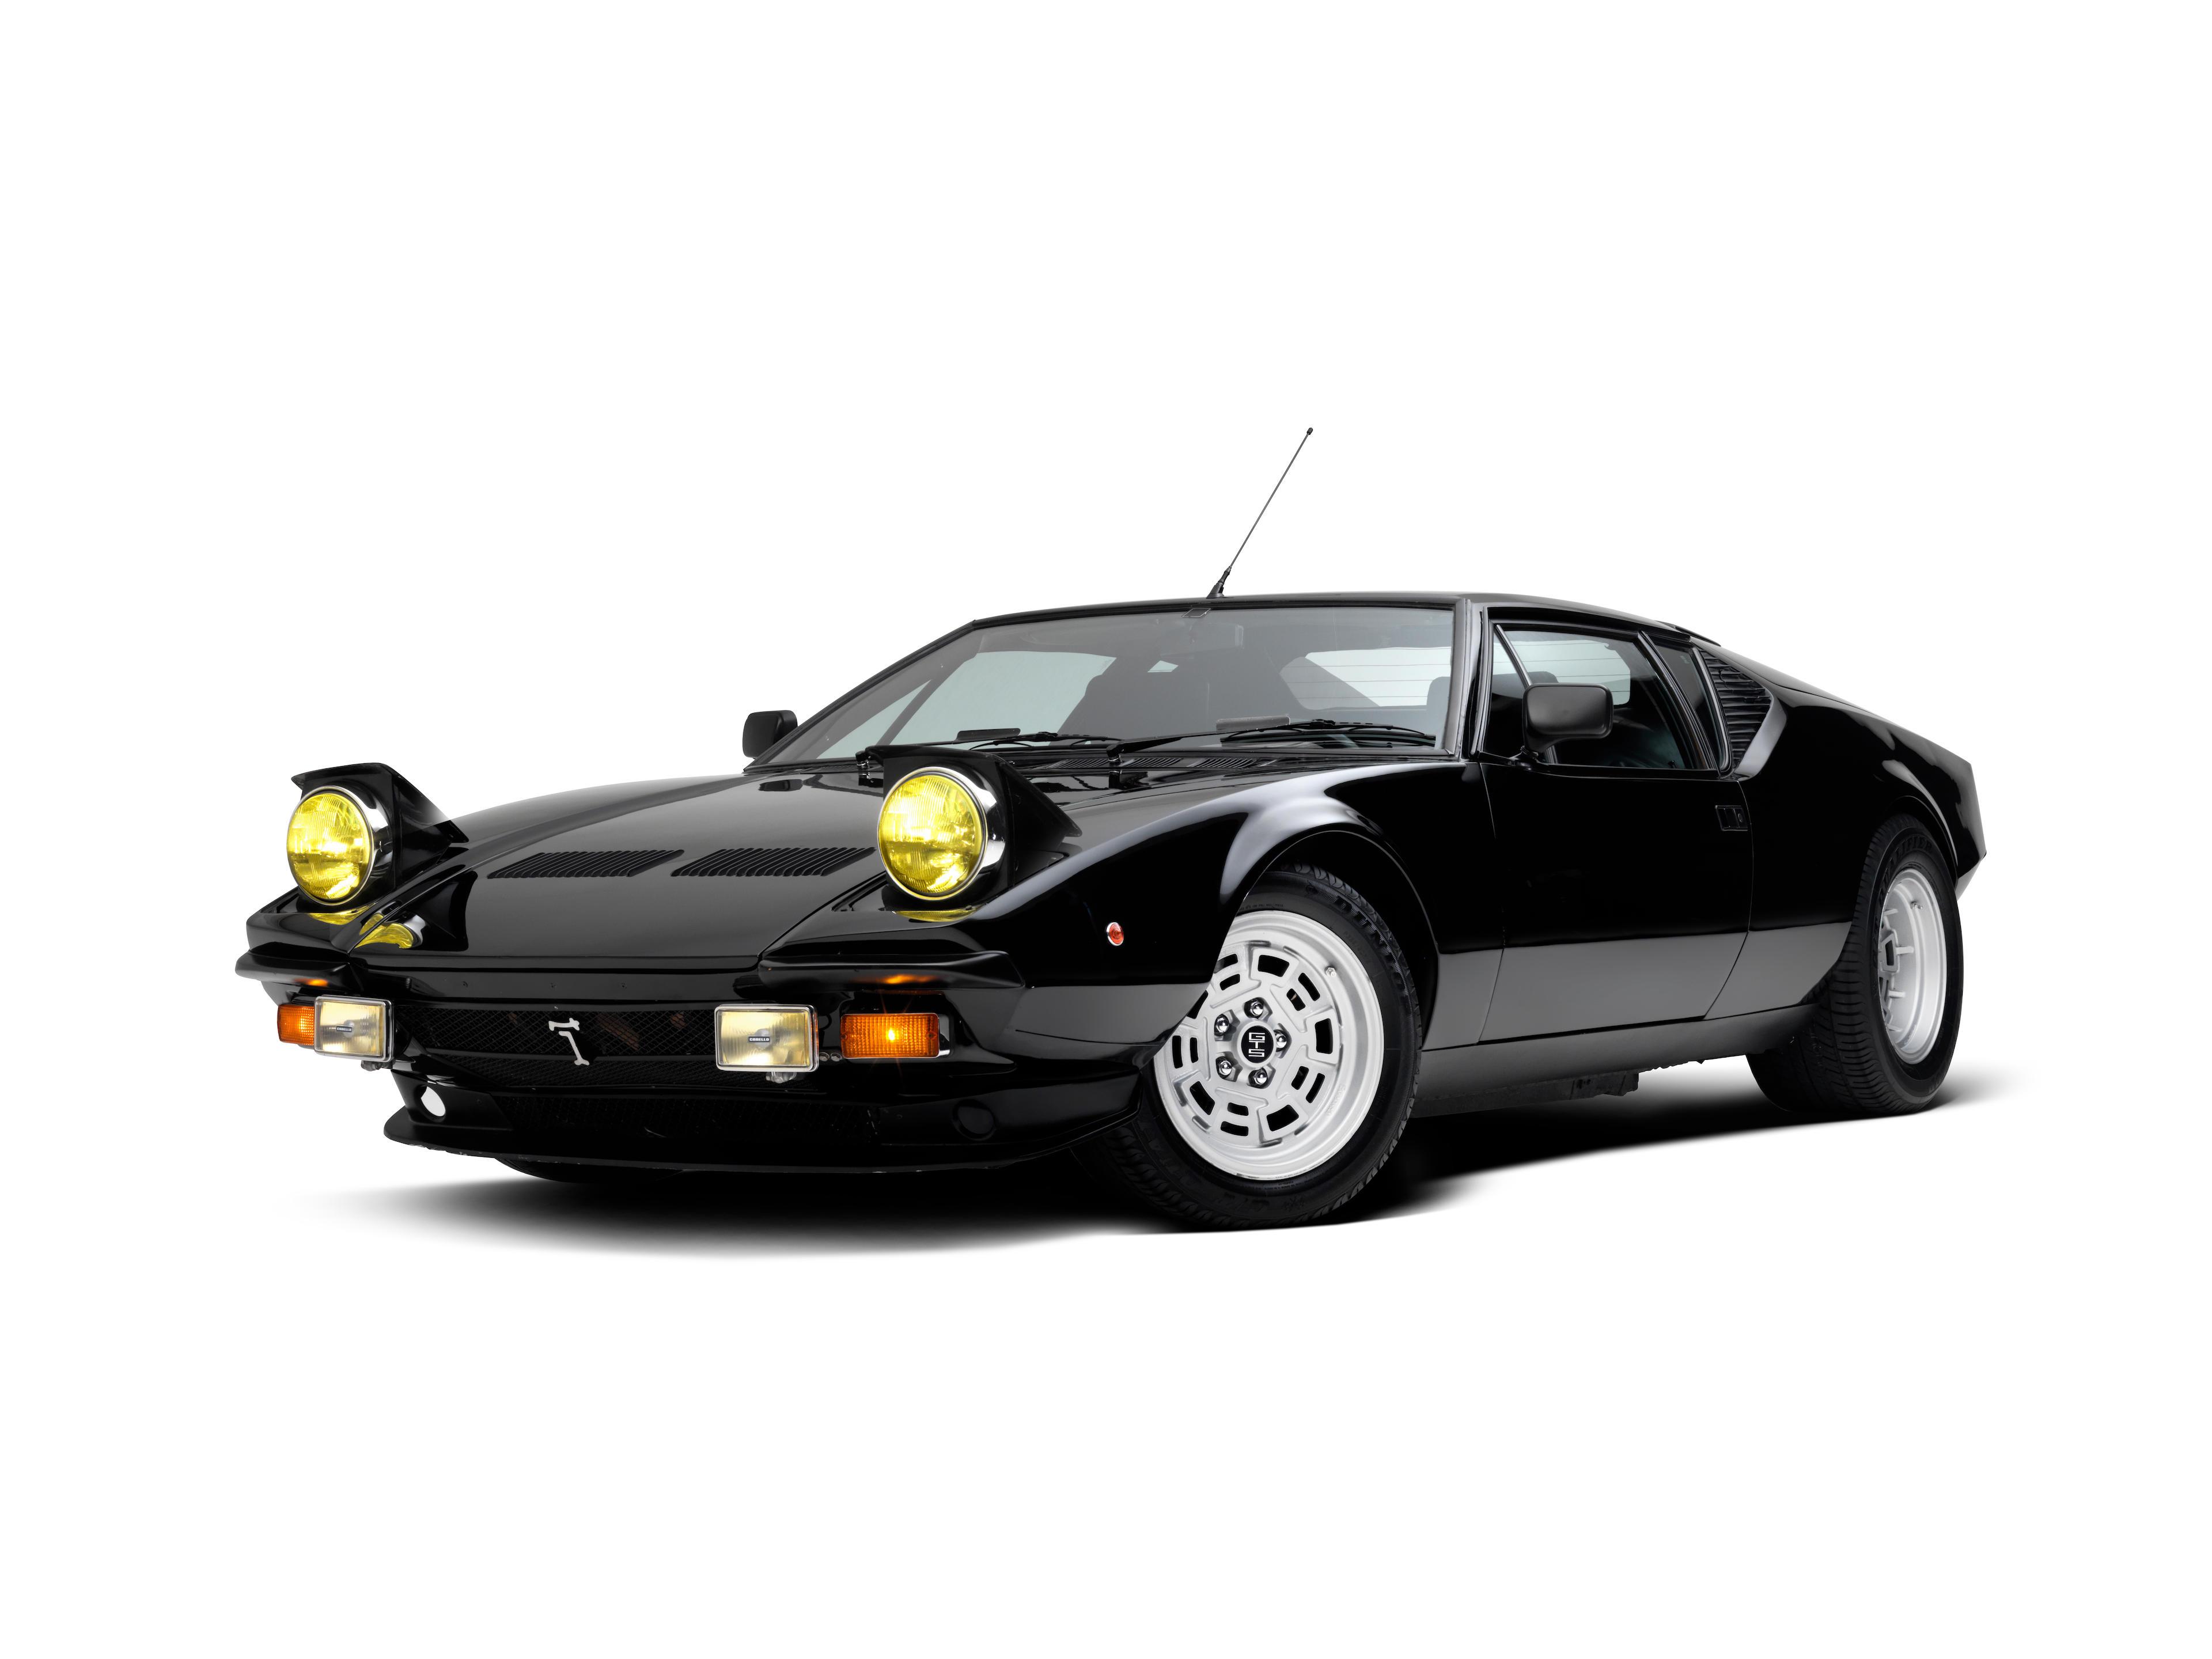 1979 De Tomaso Pantera GTS 'Narrow Body'